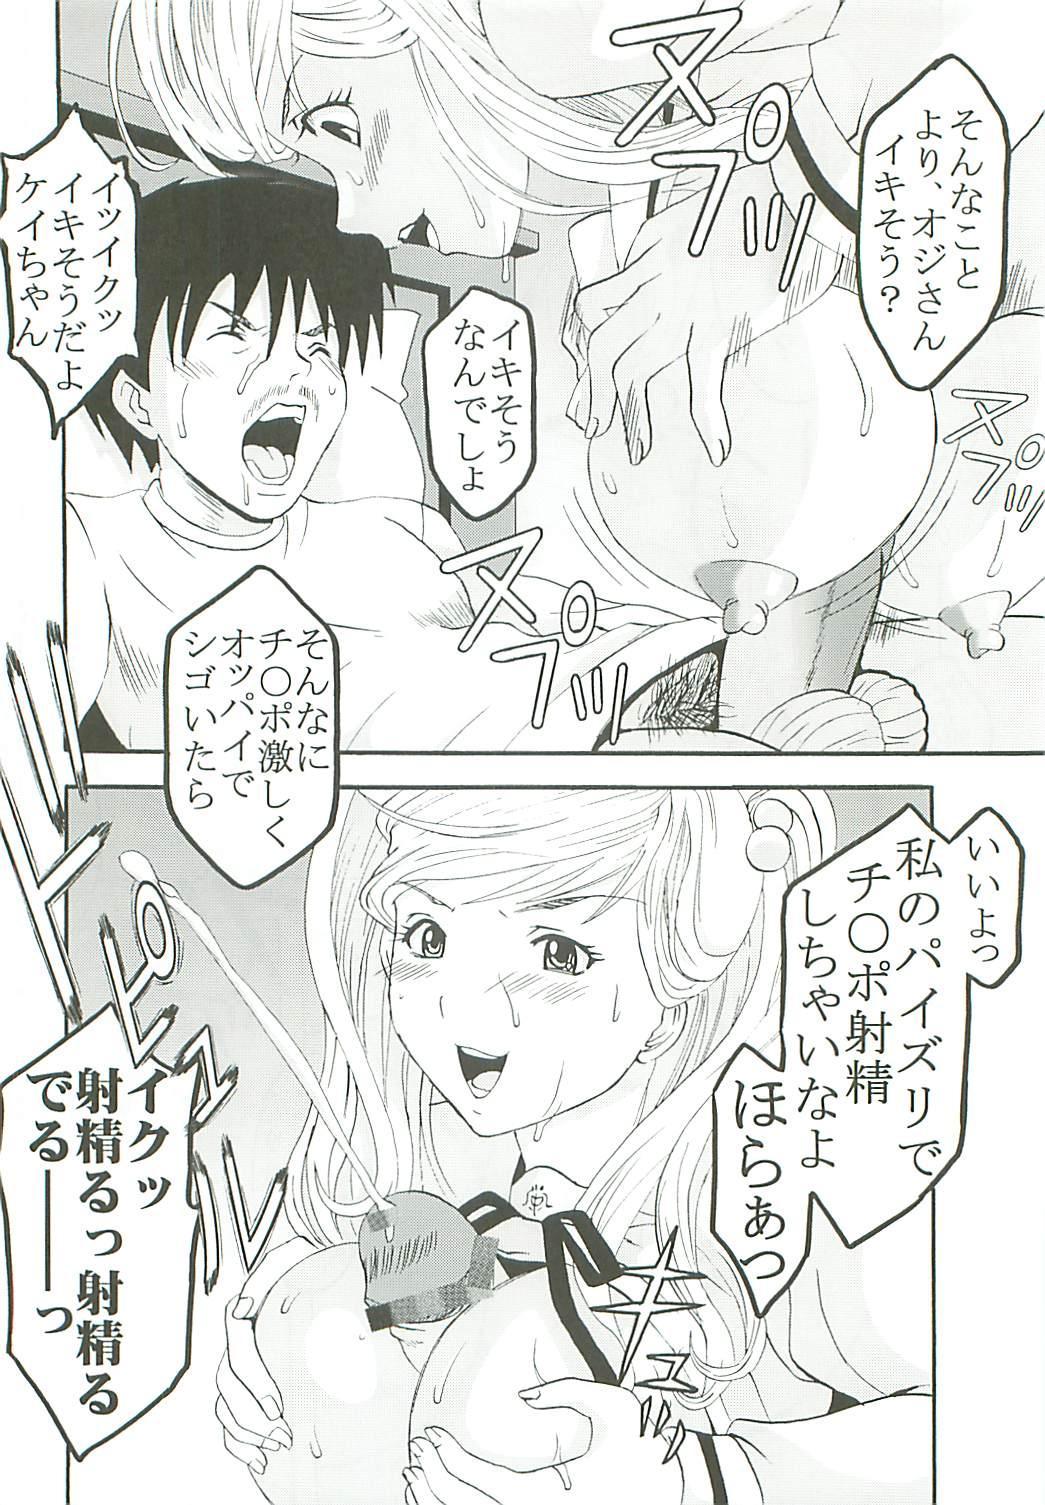 Chitsui Gentei Nakadashi Limited vol.4 30